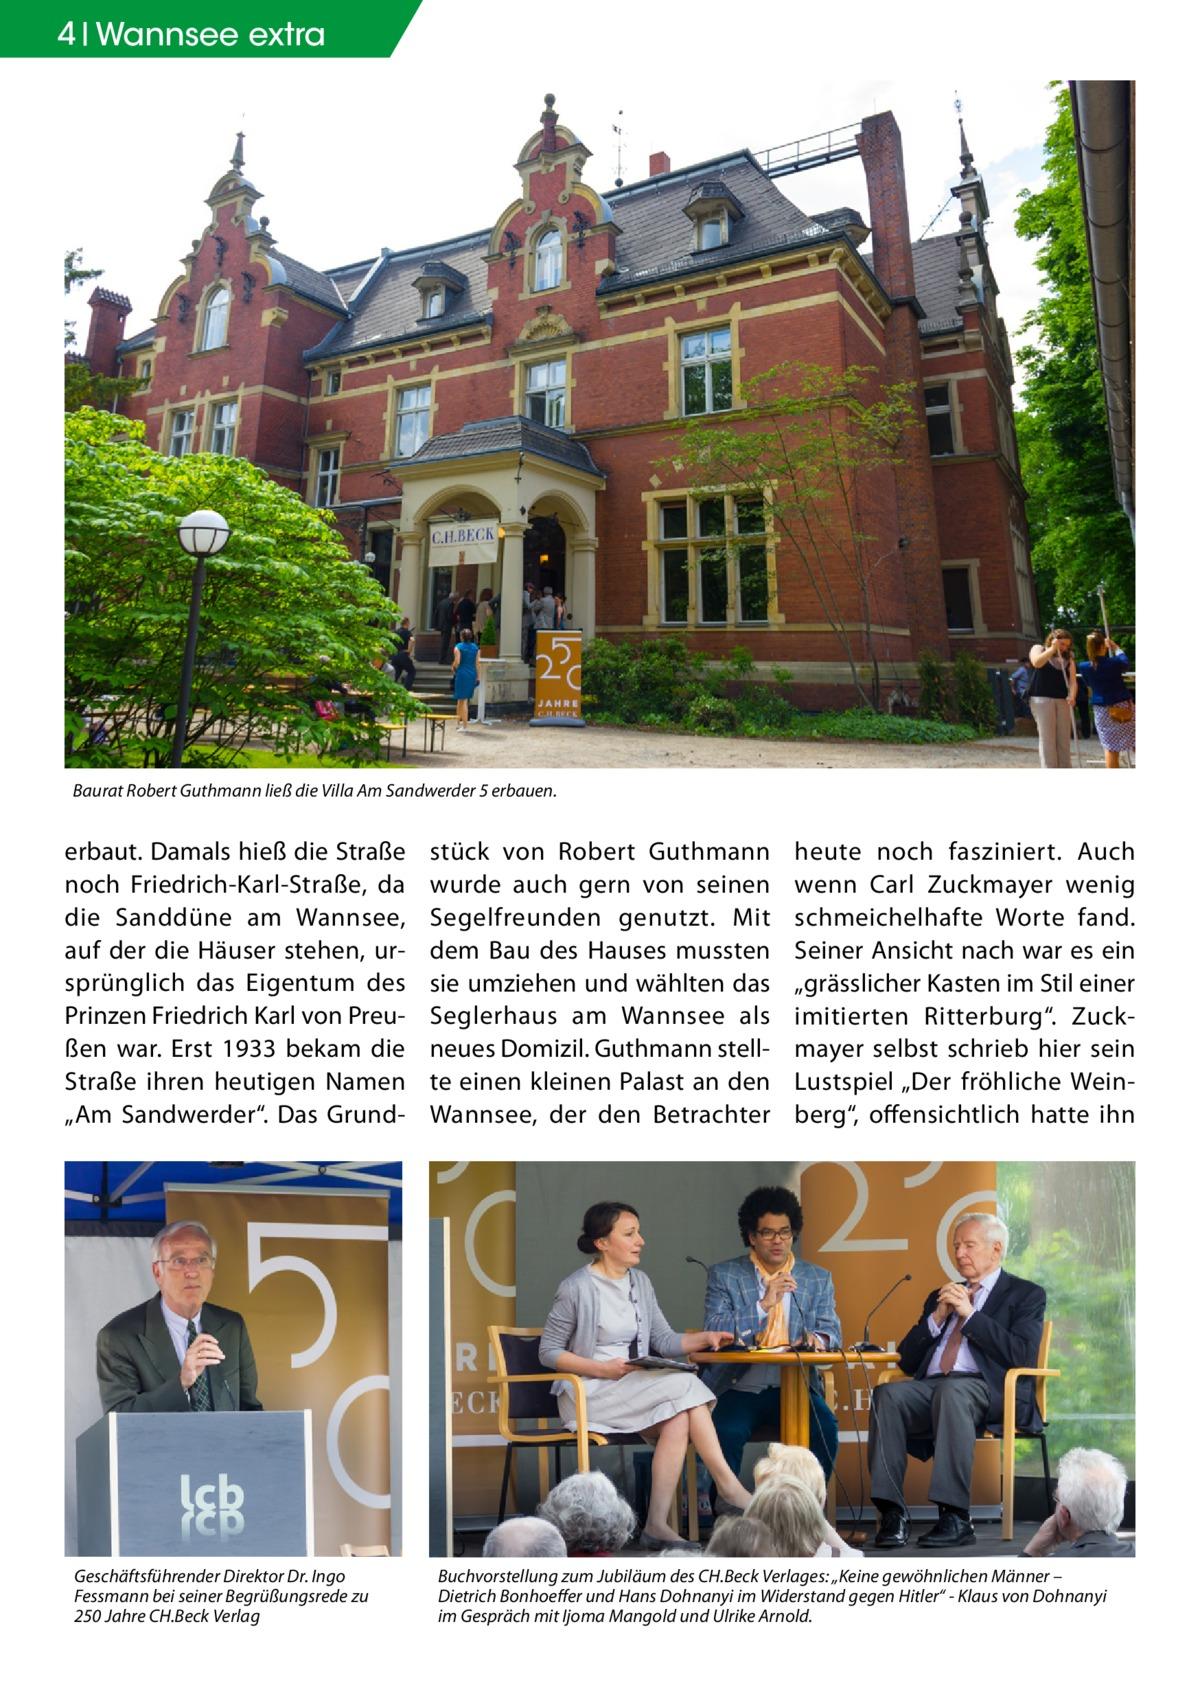 """4 Geschichte Wannsee extra  Baurat Robert Guthmann ließ die Villa Am Sandwerder 5 erbauen.  erbaut. Damals hieß die Straße noch Friedrich-Karl-Straße, da die Sanddüne am Wannsee, auf der die Häuser stehen, ursprünglich das Eigentum des Prinzen Friedrich Karl von Preußen war. Erst 1933 bekam die Straße ihren heutigen Namen """"Am Sandwerder"""". Das Grund Geschäftsführender Direktor Dr. Ingo Fessmann bei seiner Begrüßungsrede zu 250Jahre CH.Beck Verlag  stück von Robert Guthmann wurde auch gern von seinen Segelfreunden genutzt. Mit dem Bau des Hauses mussten sie umziehen und wählten das Seglerhaus am Wannsee als neues Domizil. Guthmann stellte einen kleinen Palast an den Wannsee, der den Betrachter  heute noch fasziniert. Auch wenn Carl Zuckmayer wenig schmeichelhafte Worte fand. Seiner Ansicht nach war es ein """"grässlicher Kasten im Stil einer imitierten Ritterburg"""". Zuckmayer selbst schrieb hier sein Lustspiel """"Der fröhliche Weinberg"""", offensichtlich hatte ihn  Buchvorstellung zum Jubiläum des CH.Beck Verlages: """"Keine gewöhnlichen Männer – Dietrich Bonhoeffer und Hans Dohnanyi im Widerstand gegen Hitler"""" - Klaus von Dohnanyi im Gespräch mit Ijoma Mangold und Ulrike Arnold."""